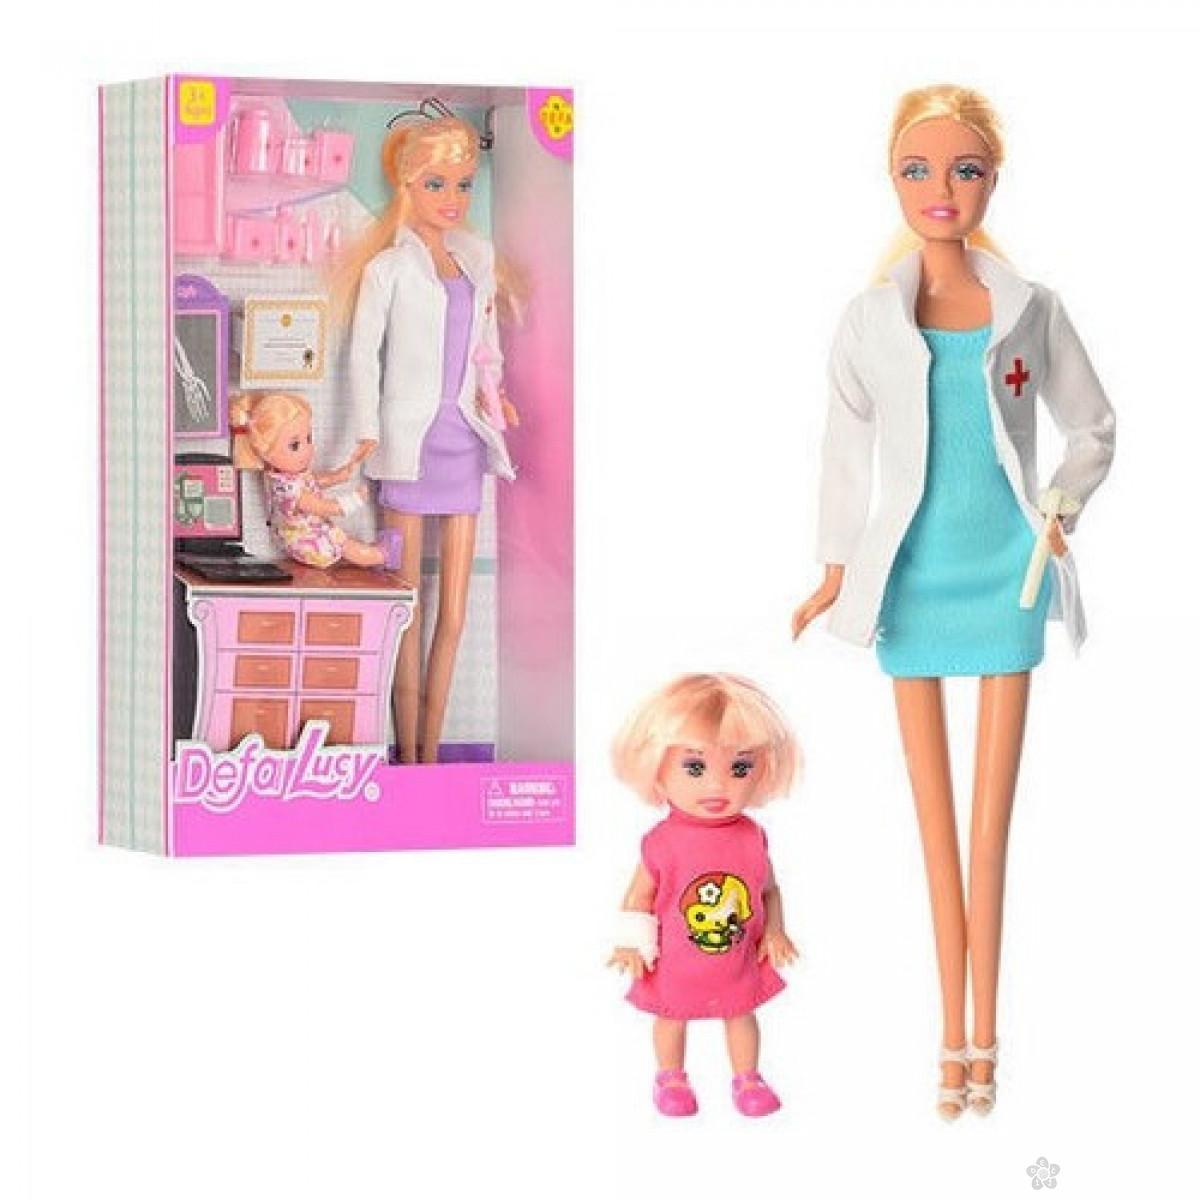 Lutka Defa doktorka sa devojčicom i dodacima, 36137